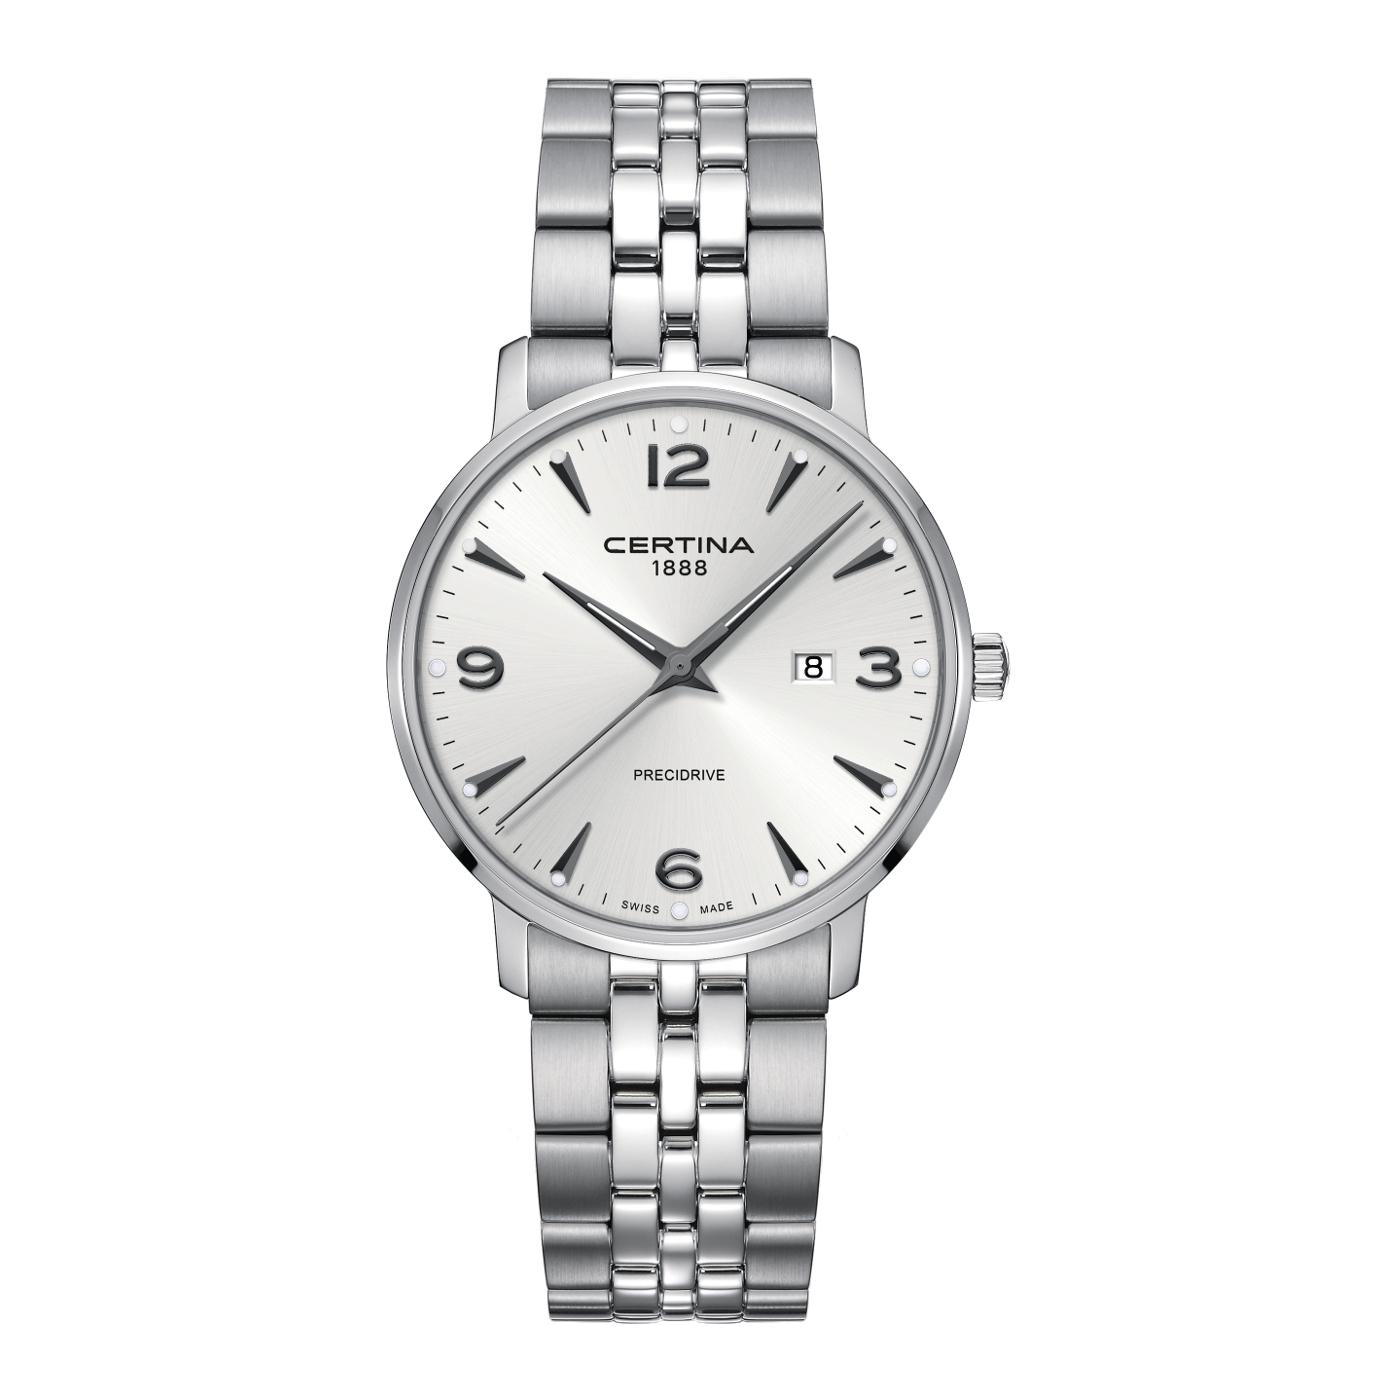 Afbeelding van Certina Heritage DS Caimano horloge C035.410.11.037.00